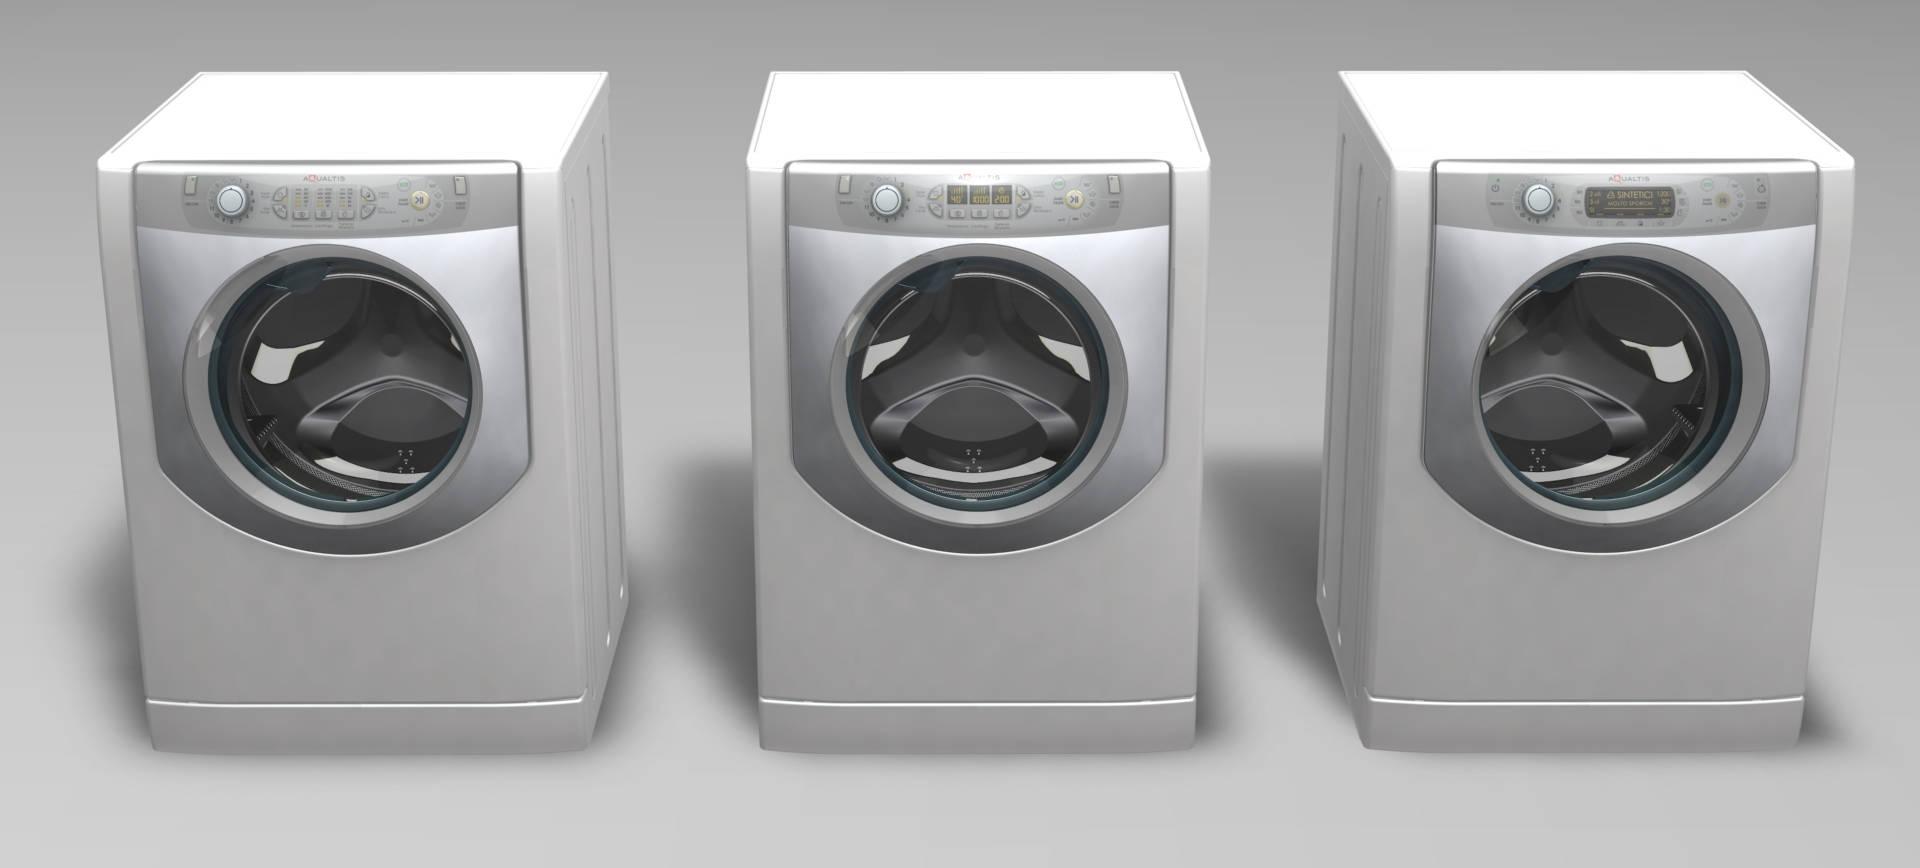 Assistenza lavatrici tomba di nerone mbroma service for Marche lavatrici